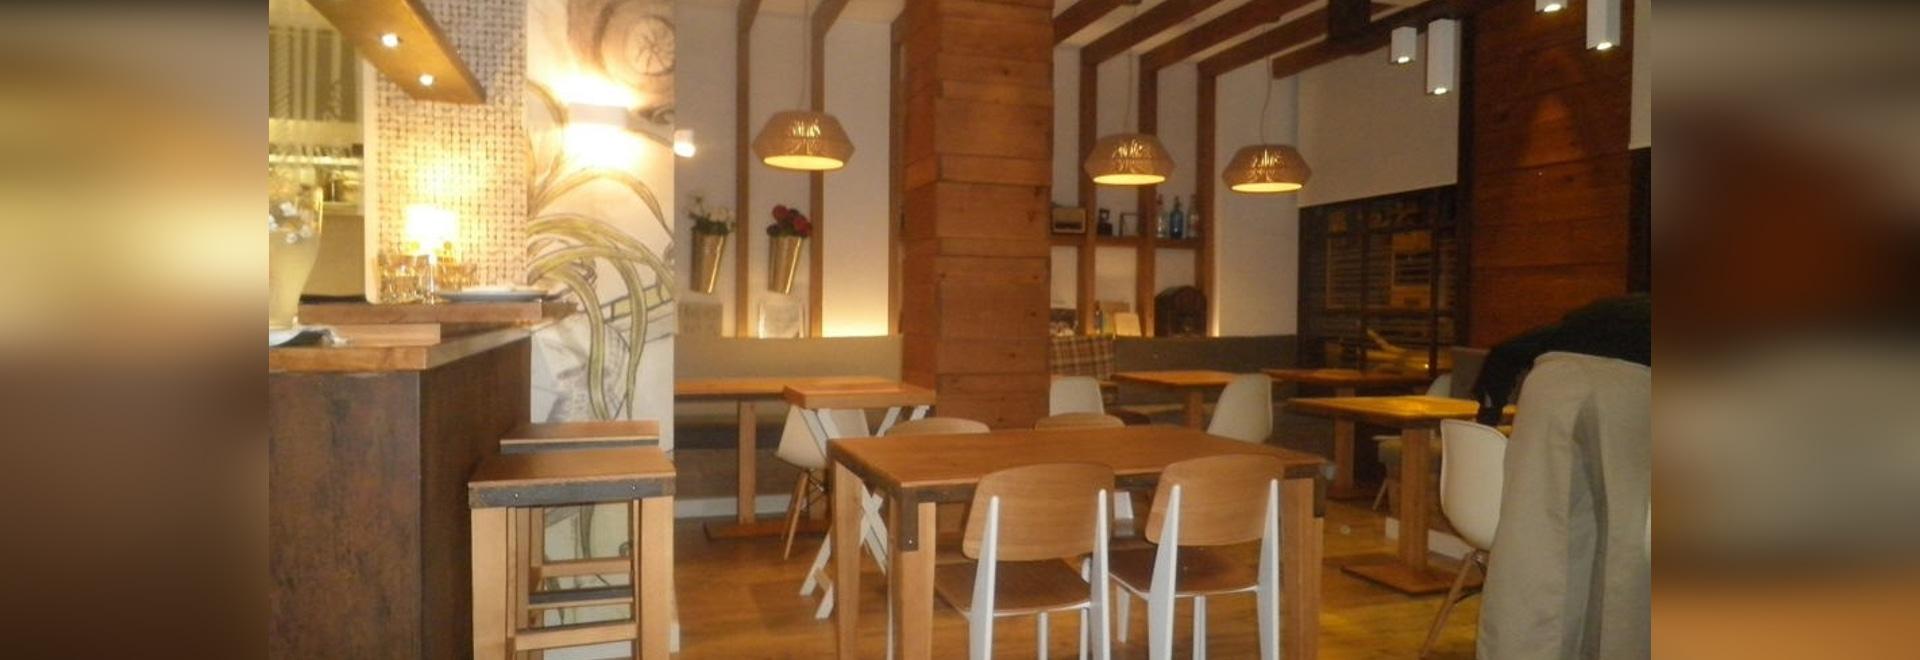 Restaurant des Projekt-SAITI